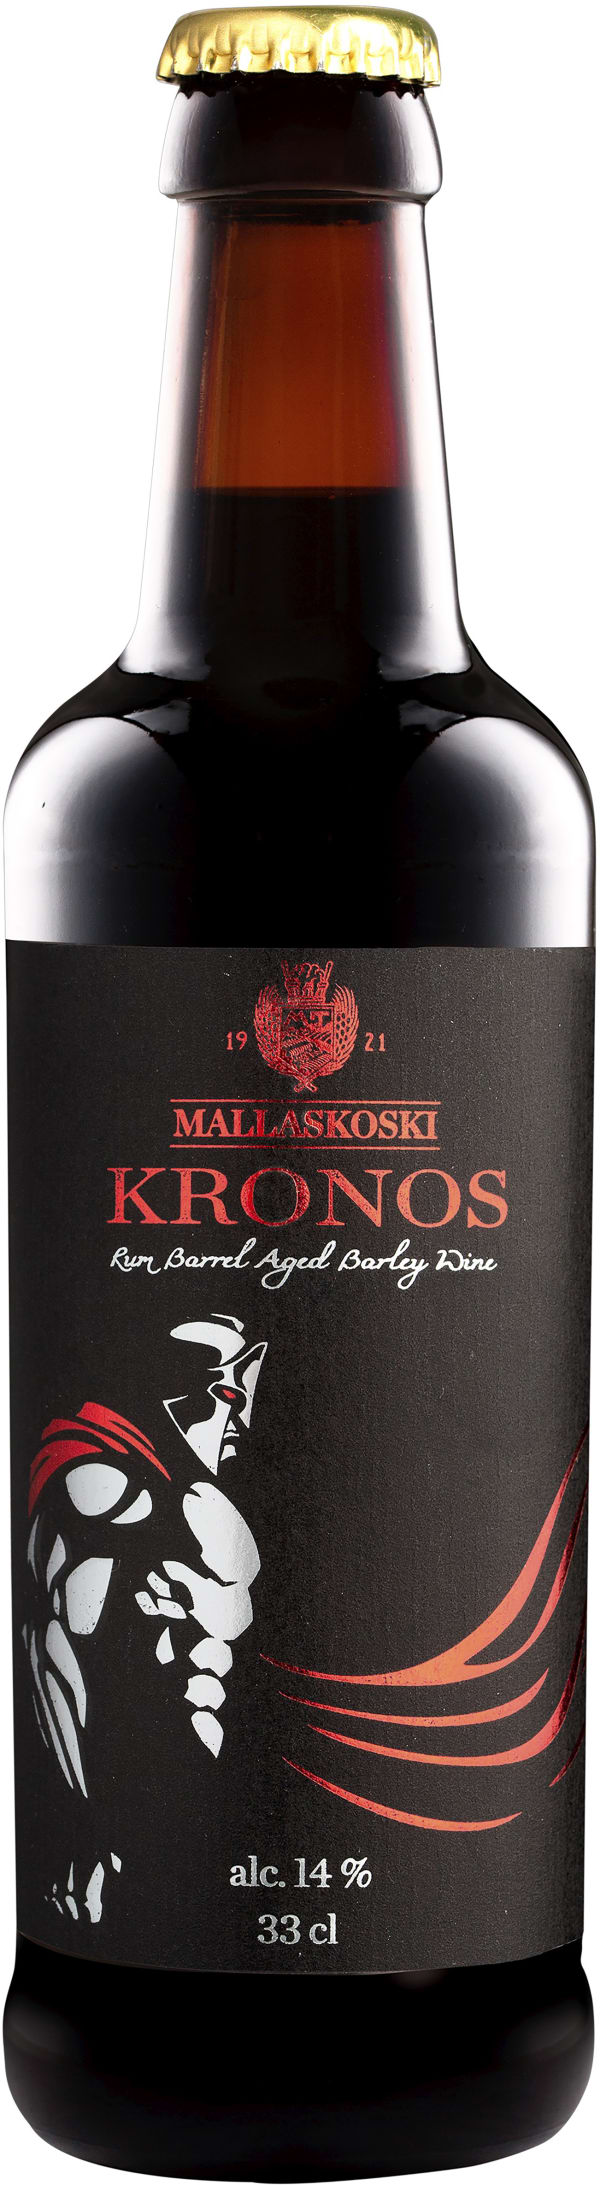 Mallaskoski Kronos Rum Barrel Aged Barley Wine